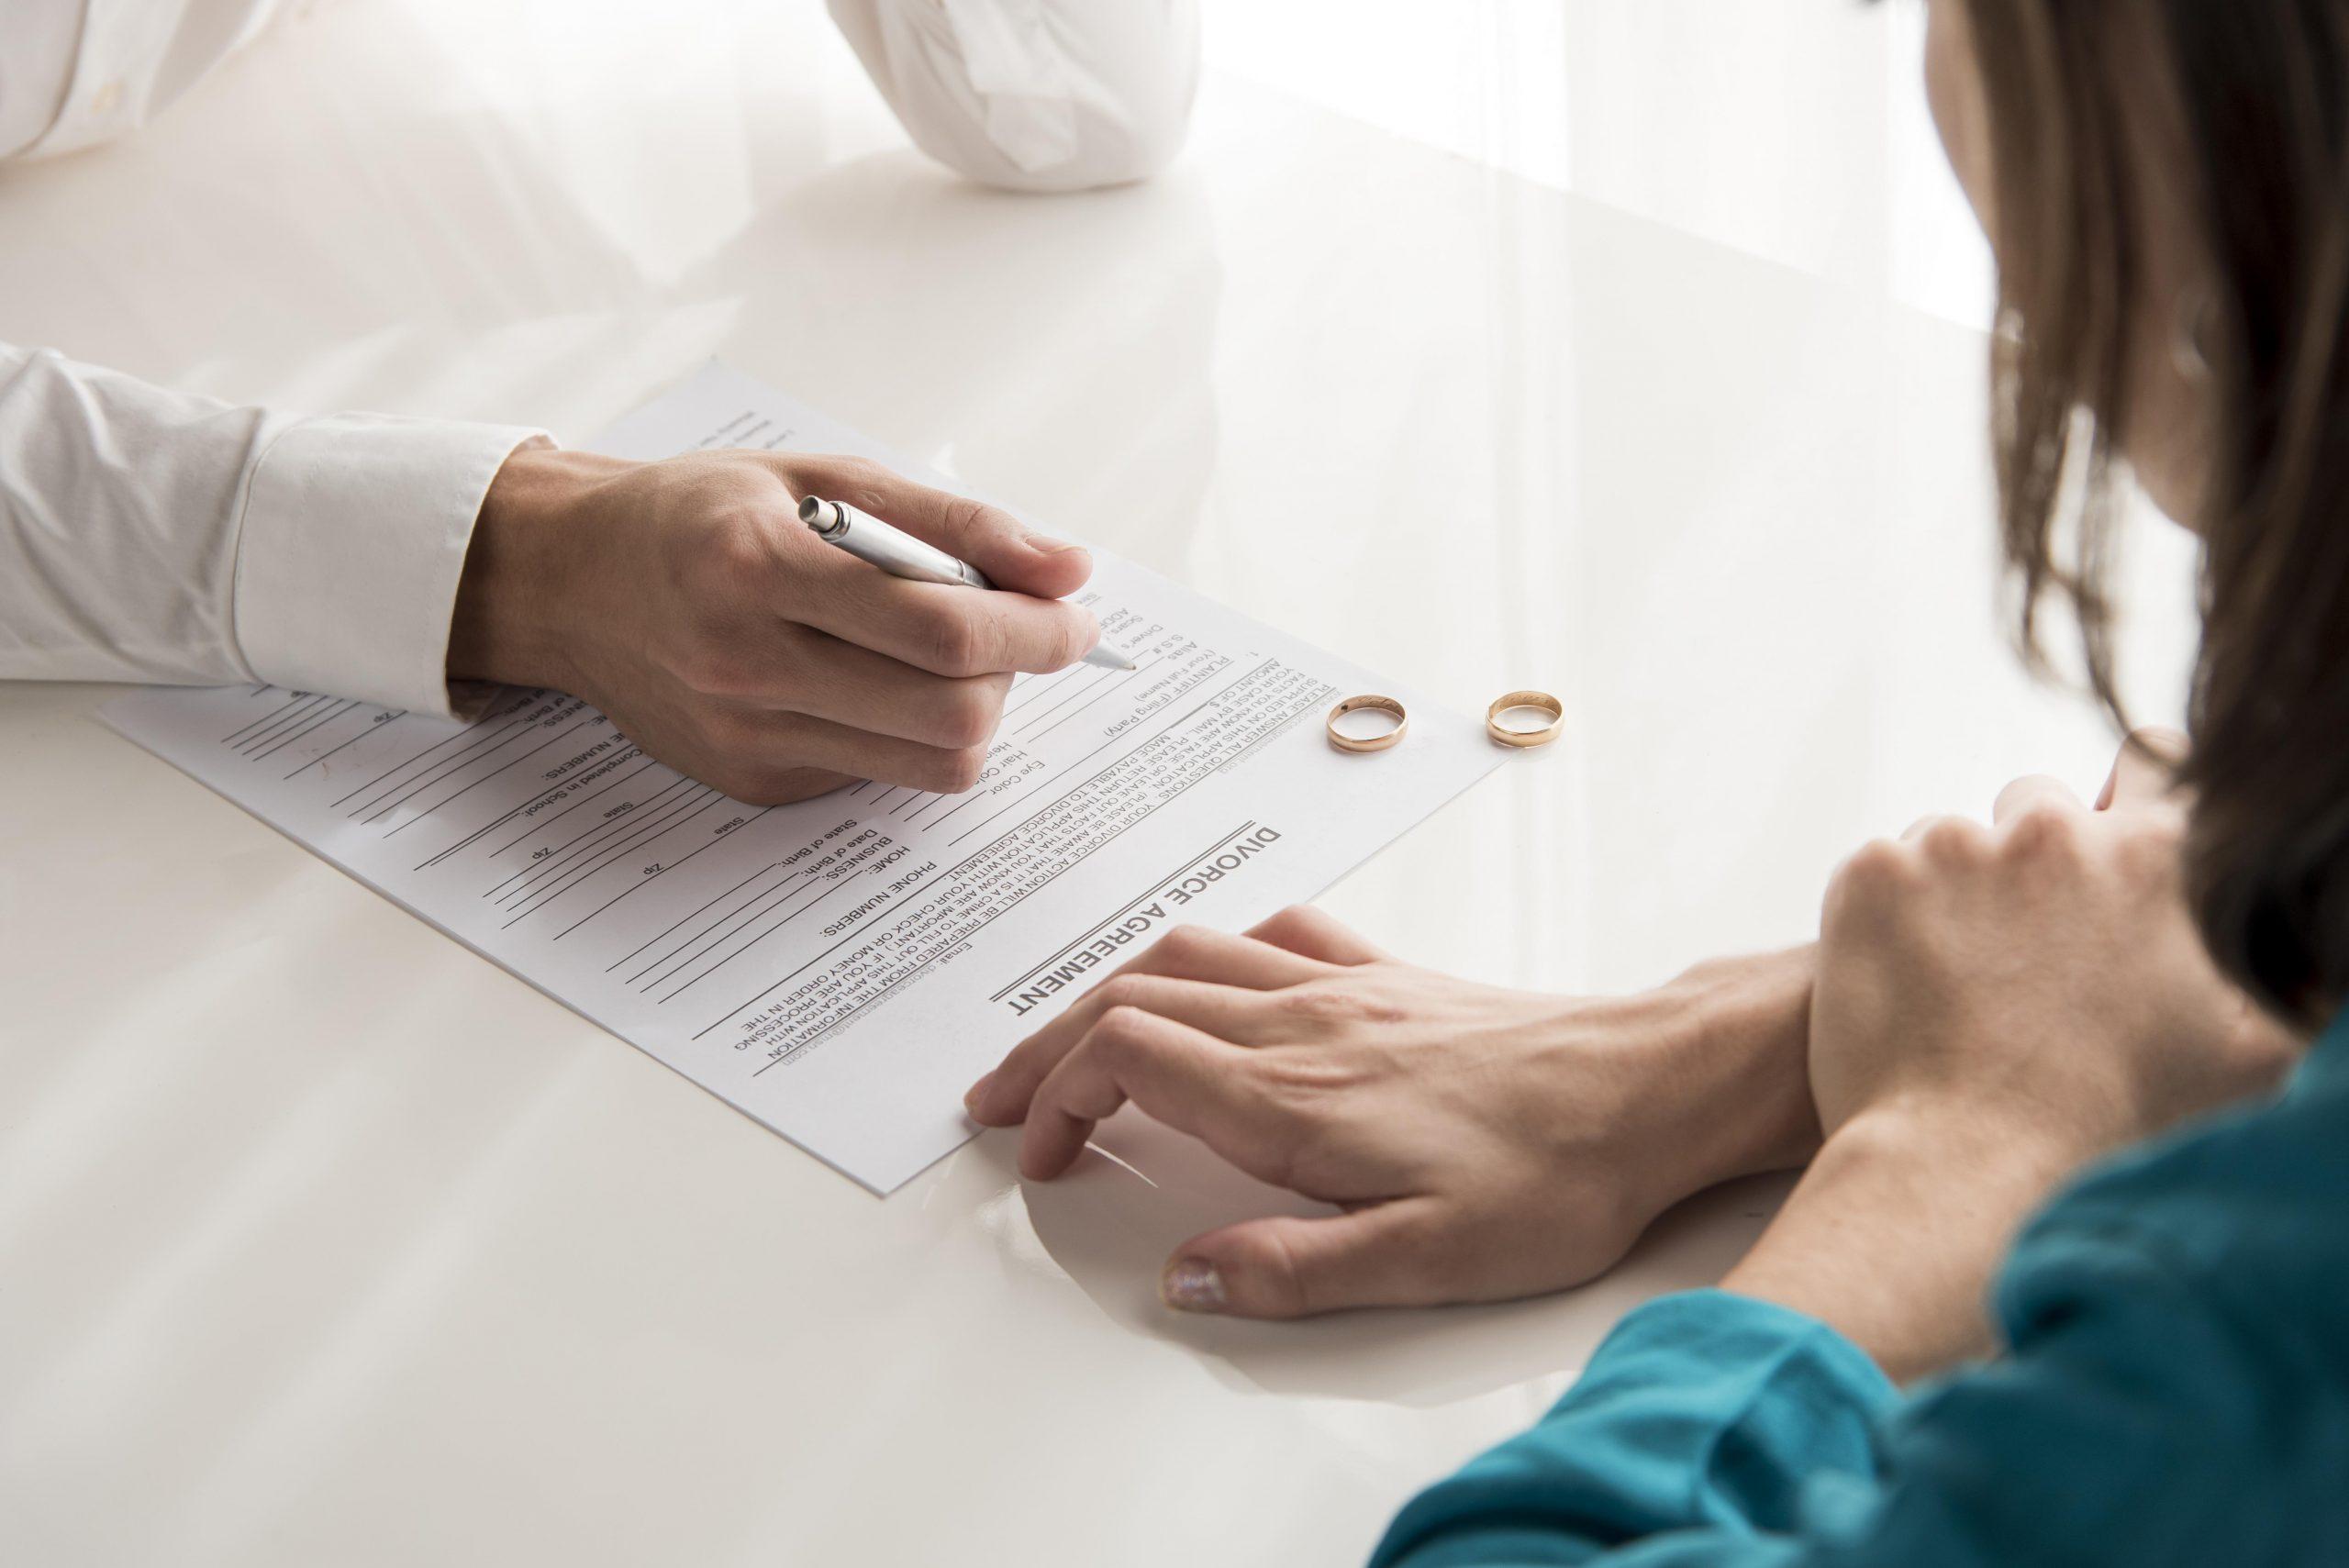 Aumentan las consultas de divorcios en España en el estado de alarma. Mucha  tensión entre parejas | Lasvocesdelpueblo